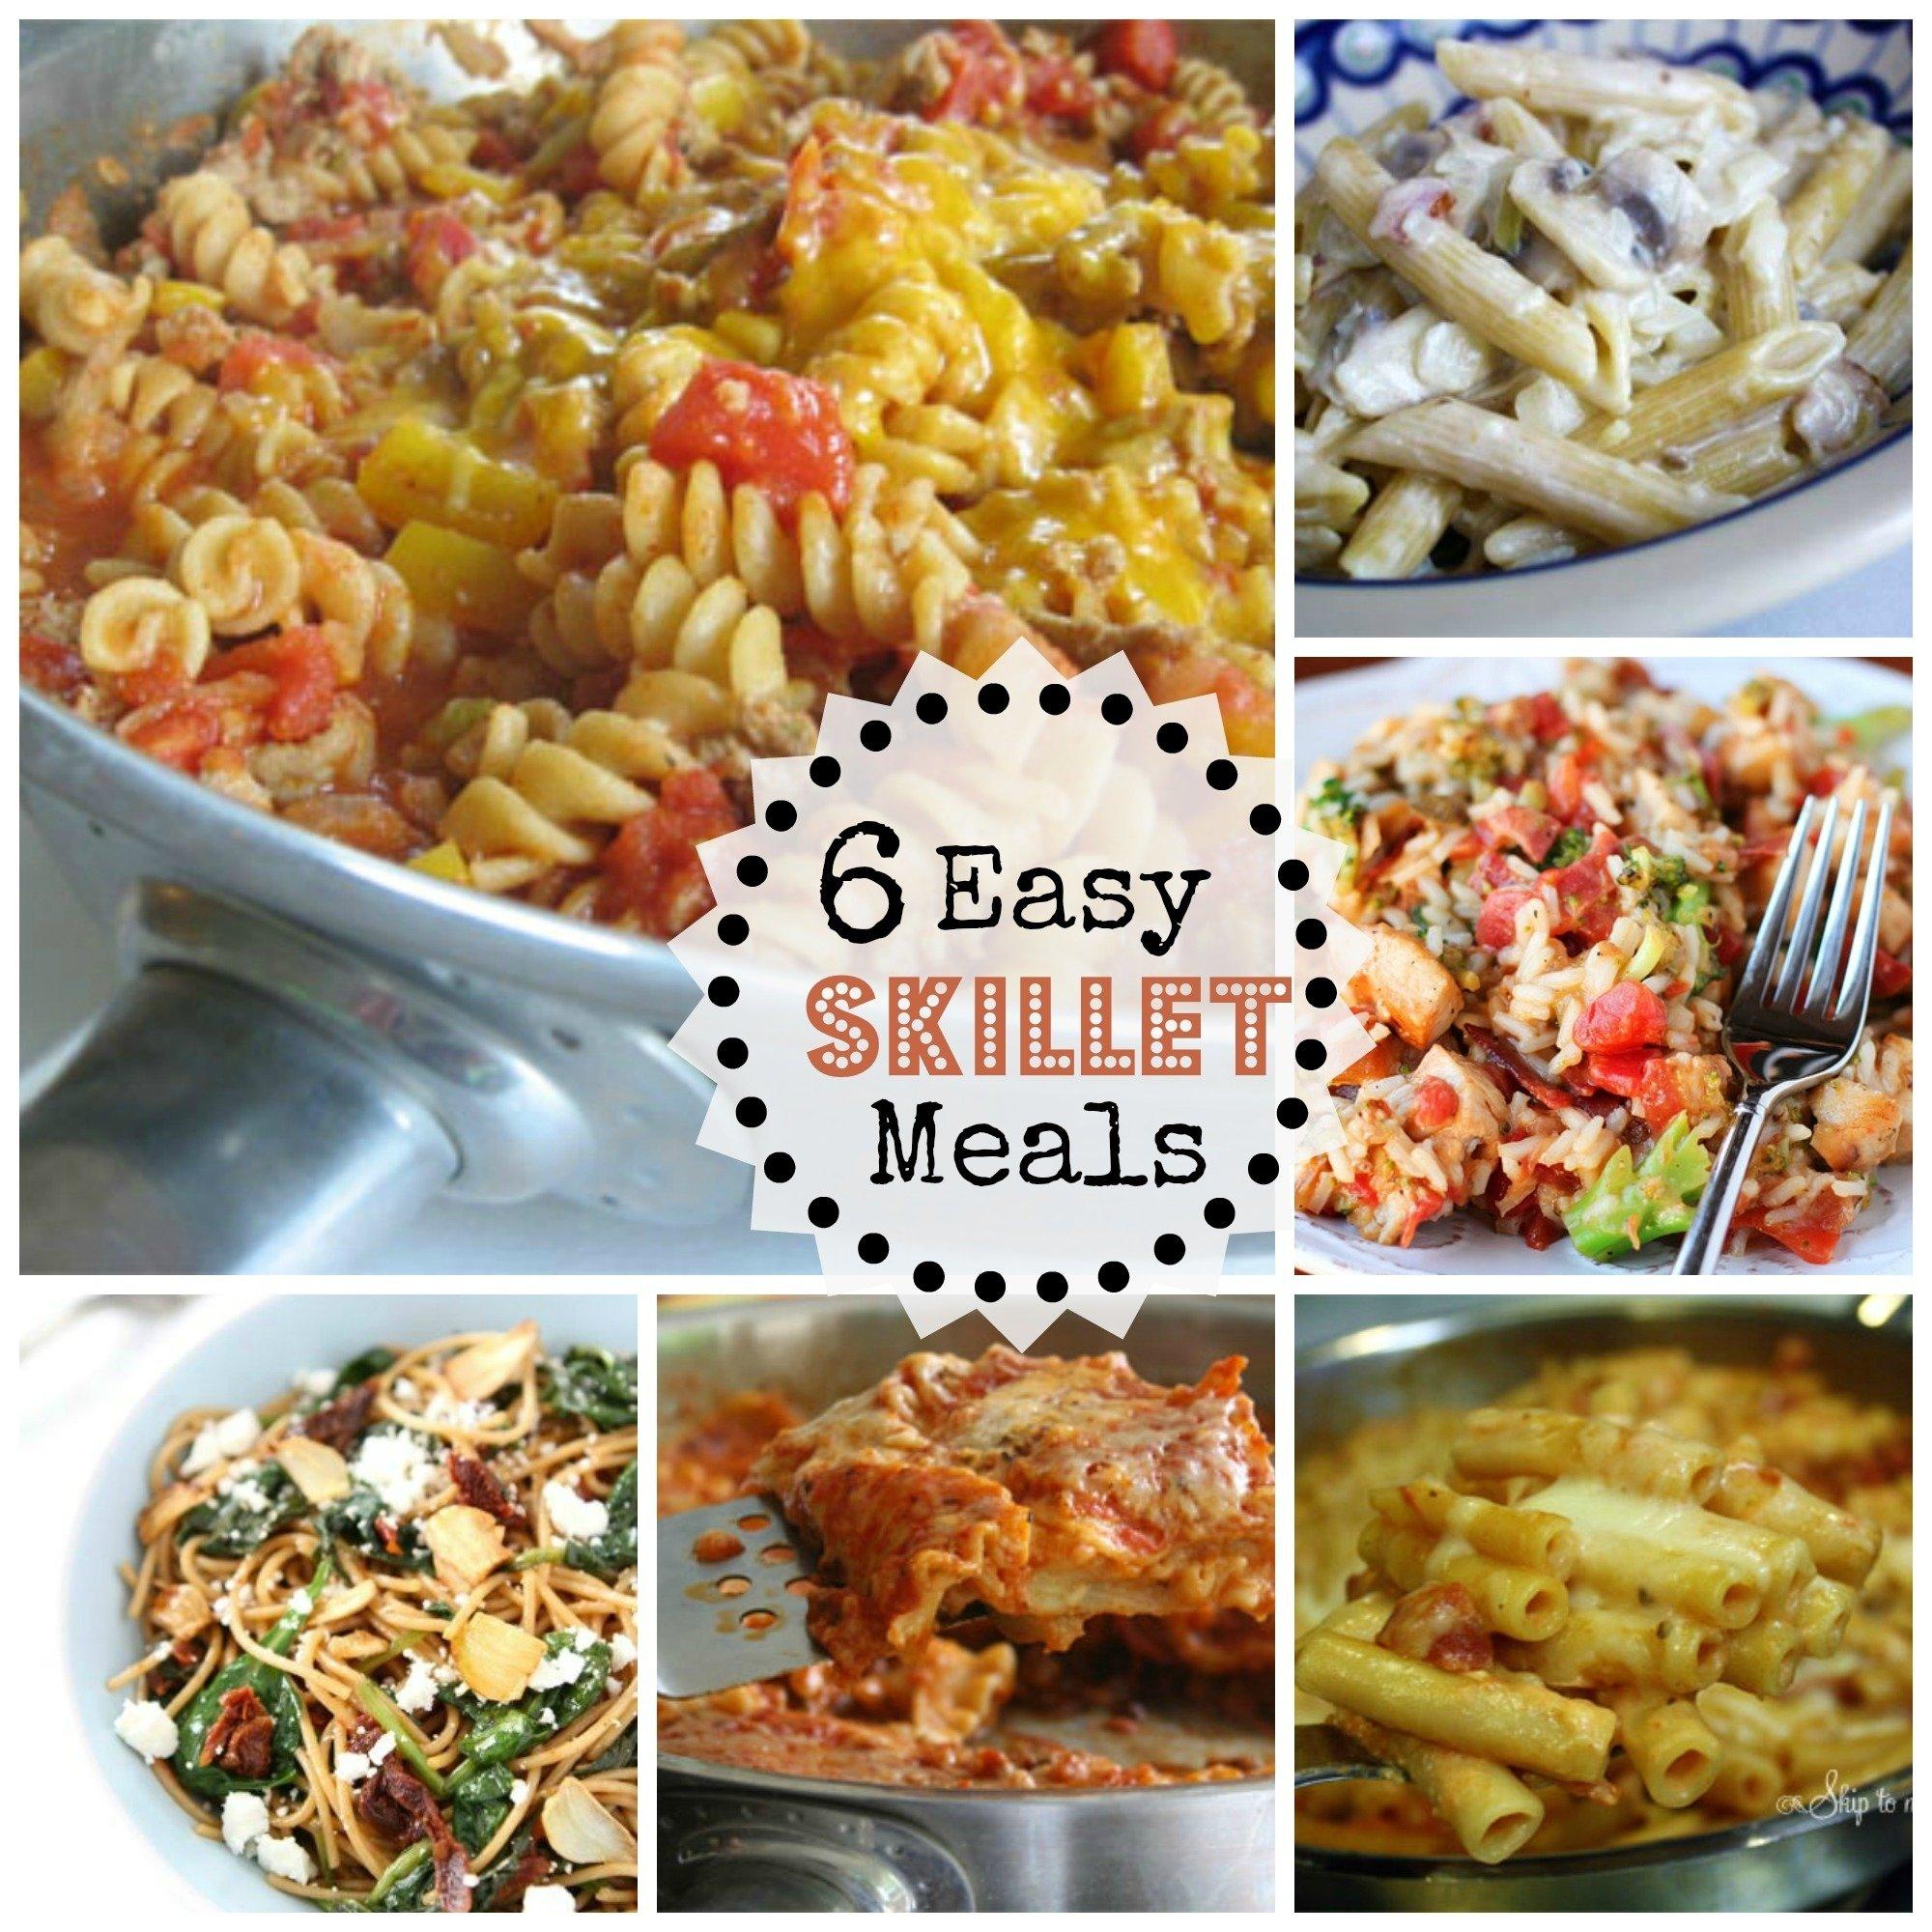 10 Nice Easy Dinner Ideas For 6 6 easy skillet dinners 2020